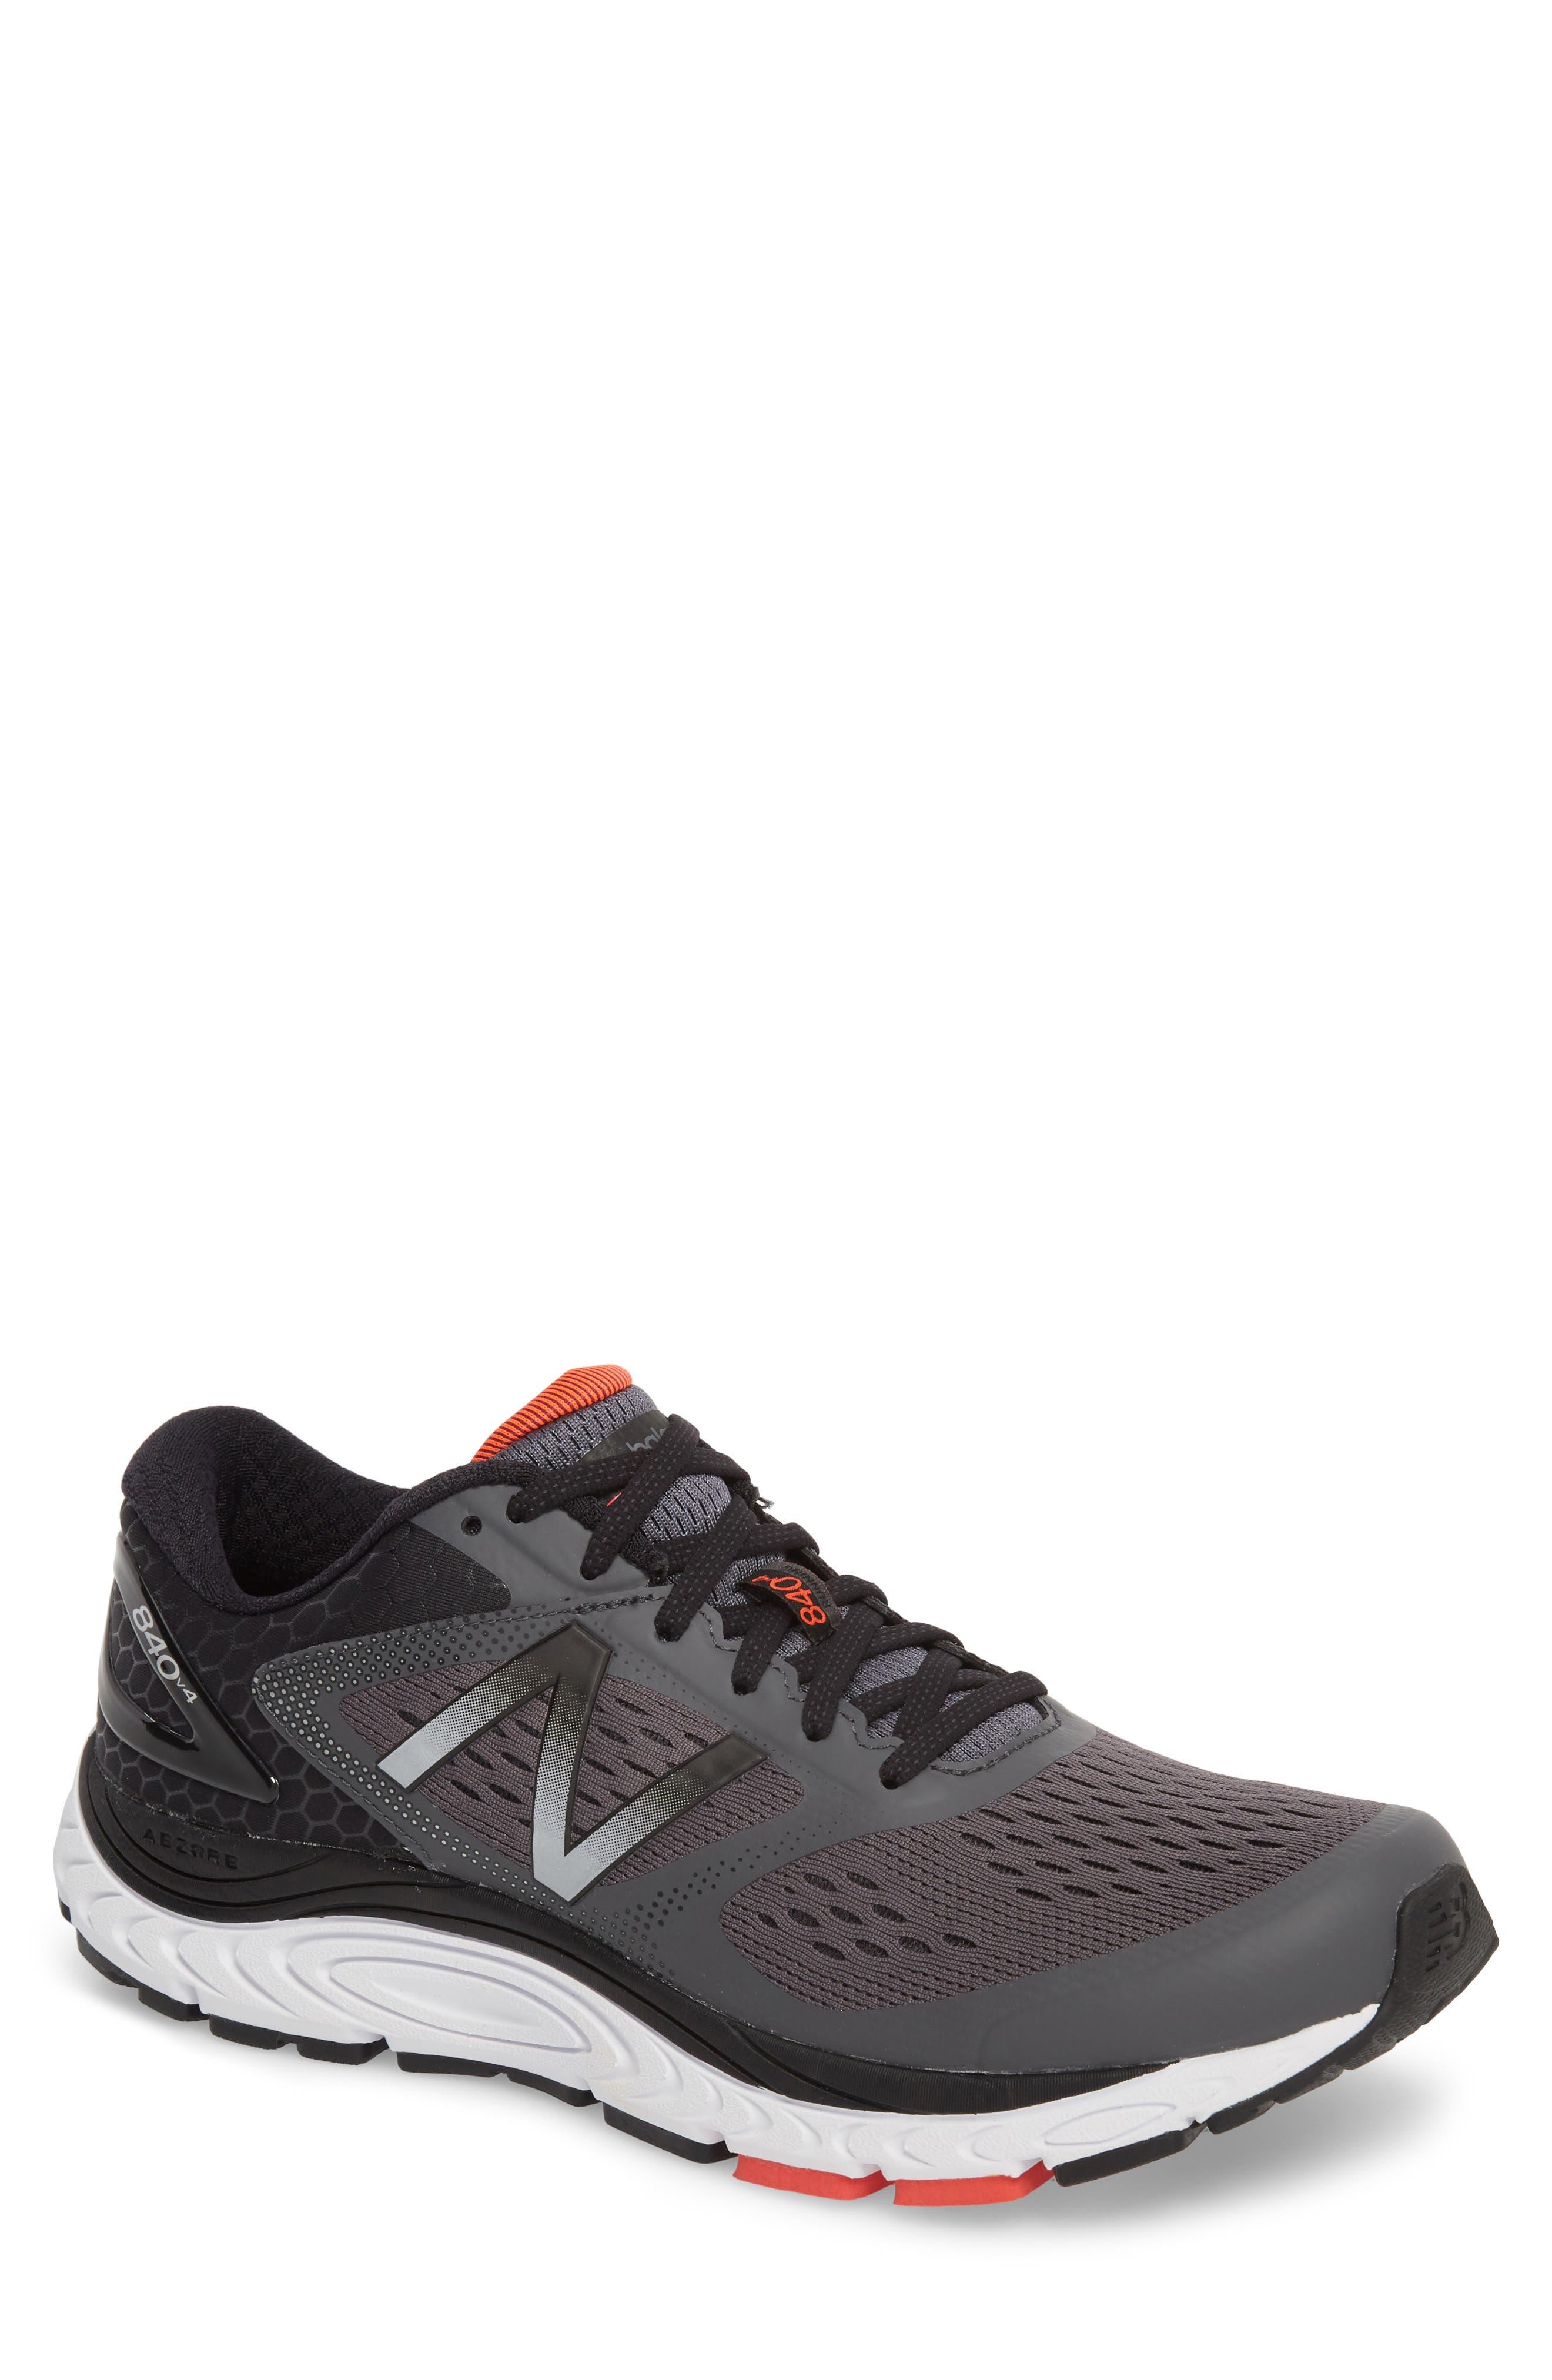 840v4 Running Shoe,                         Main,                         color, Dark Grey